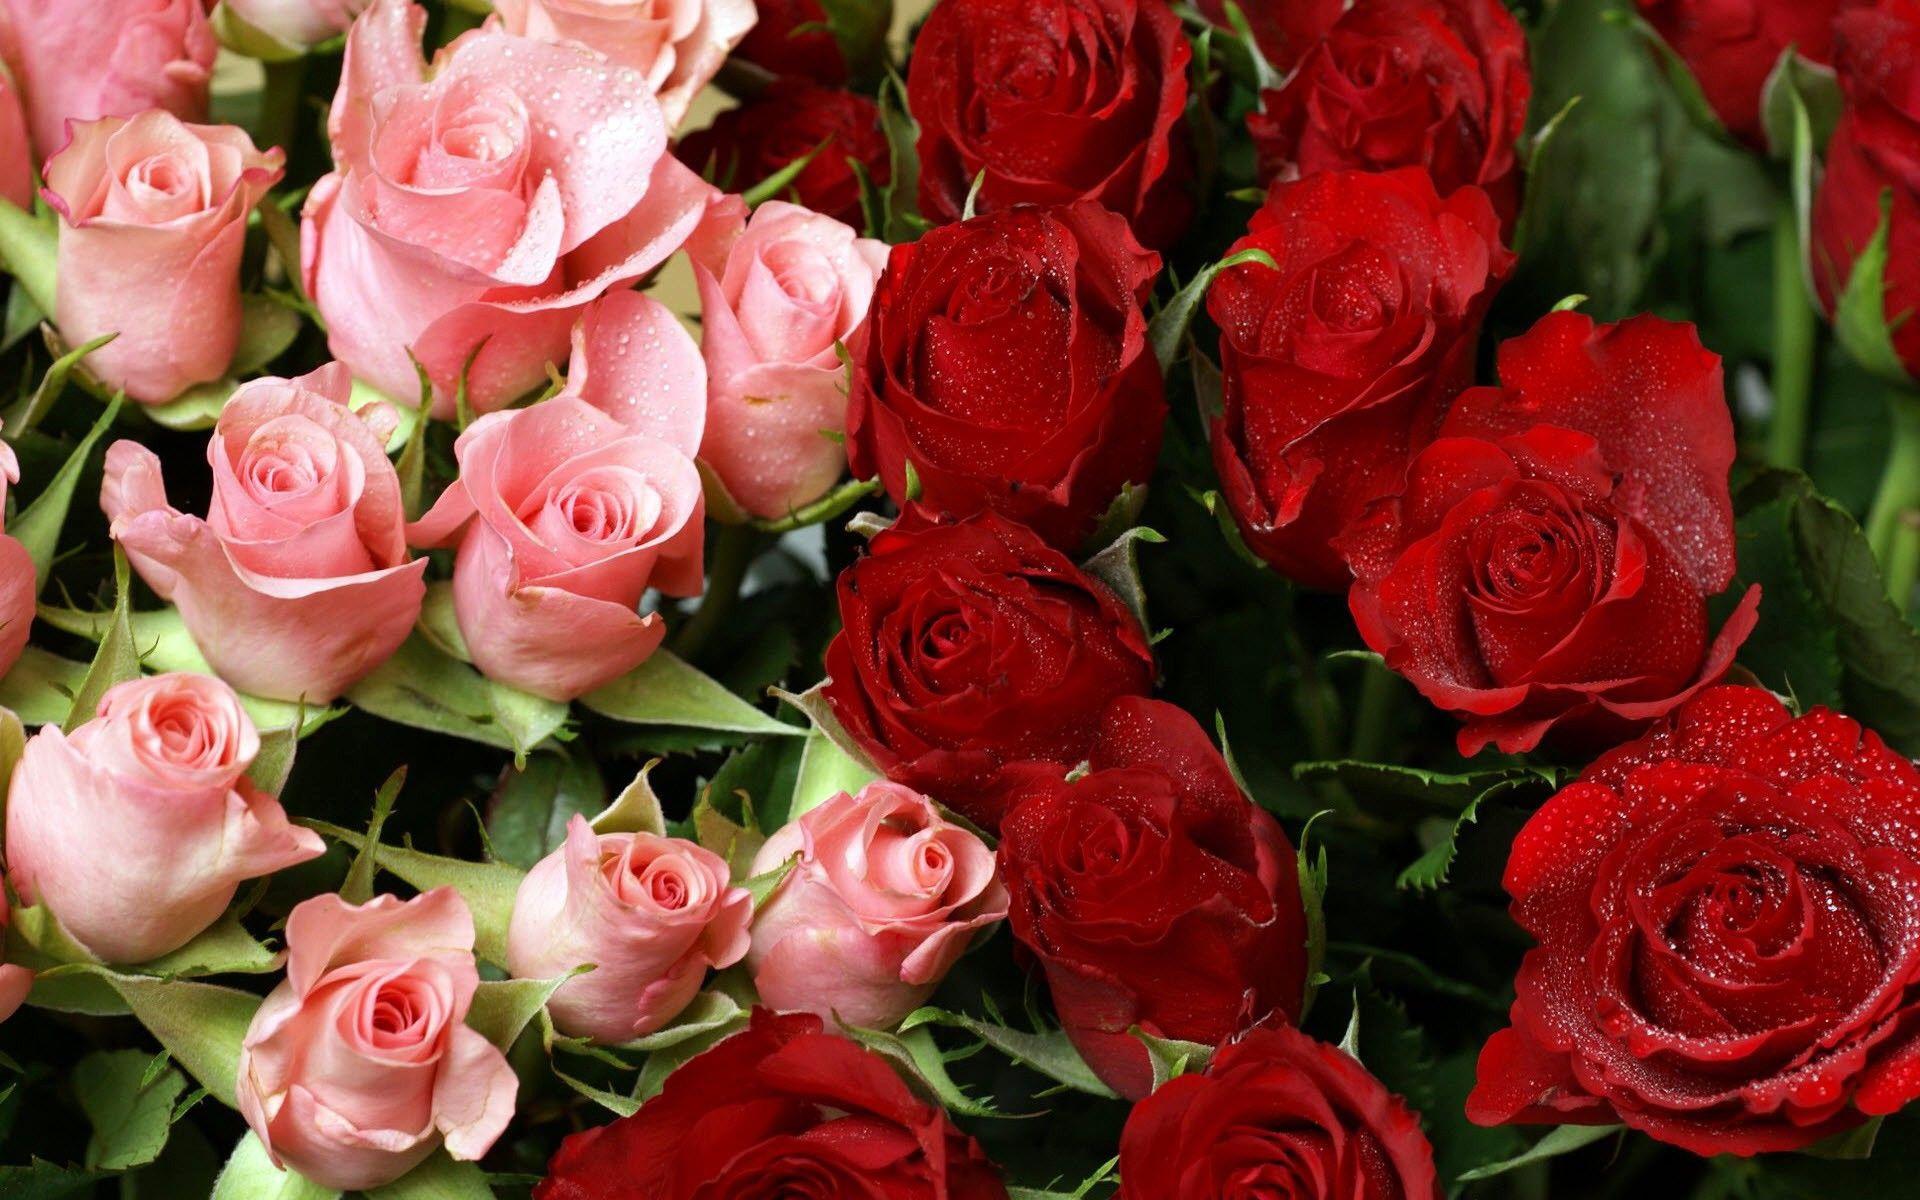 магазина свяжется очень красивые розы открытки чтобы вдохновение труд